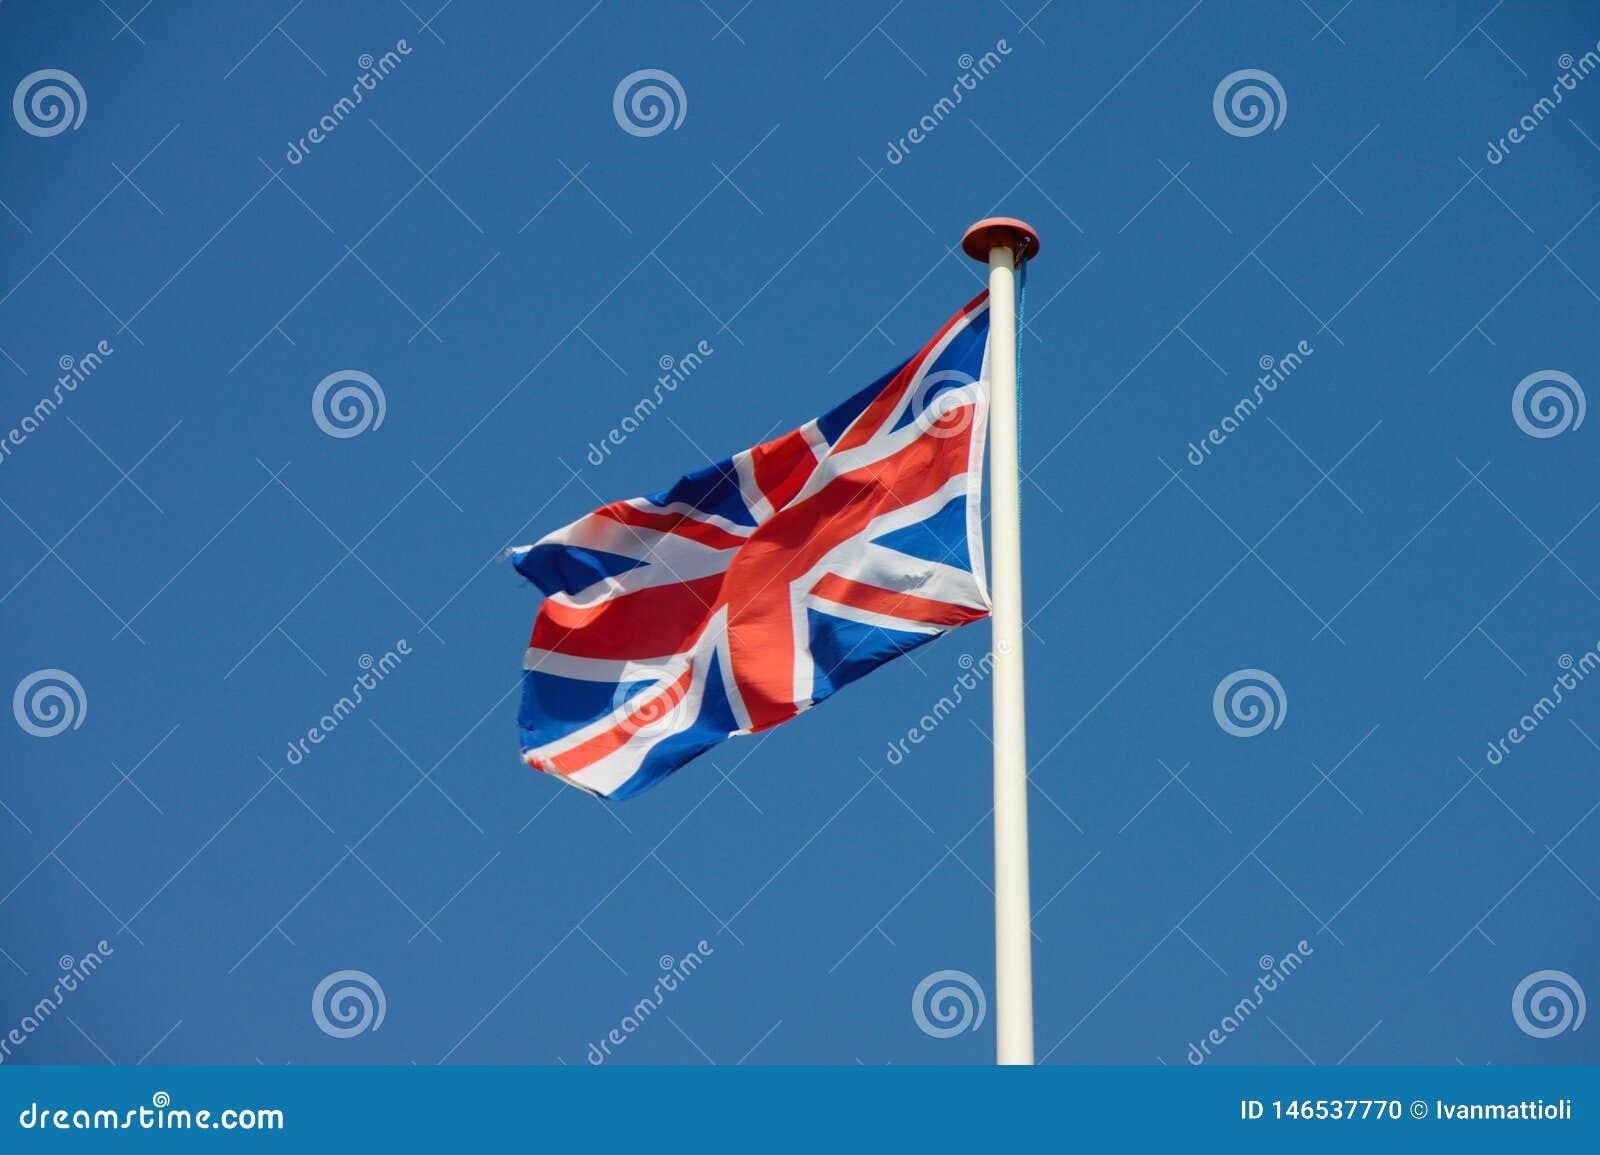 Юнион Джек, хлопать флага Великобритании в ветре